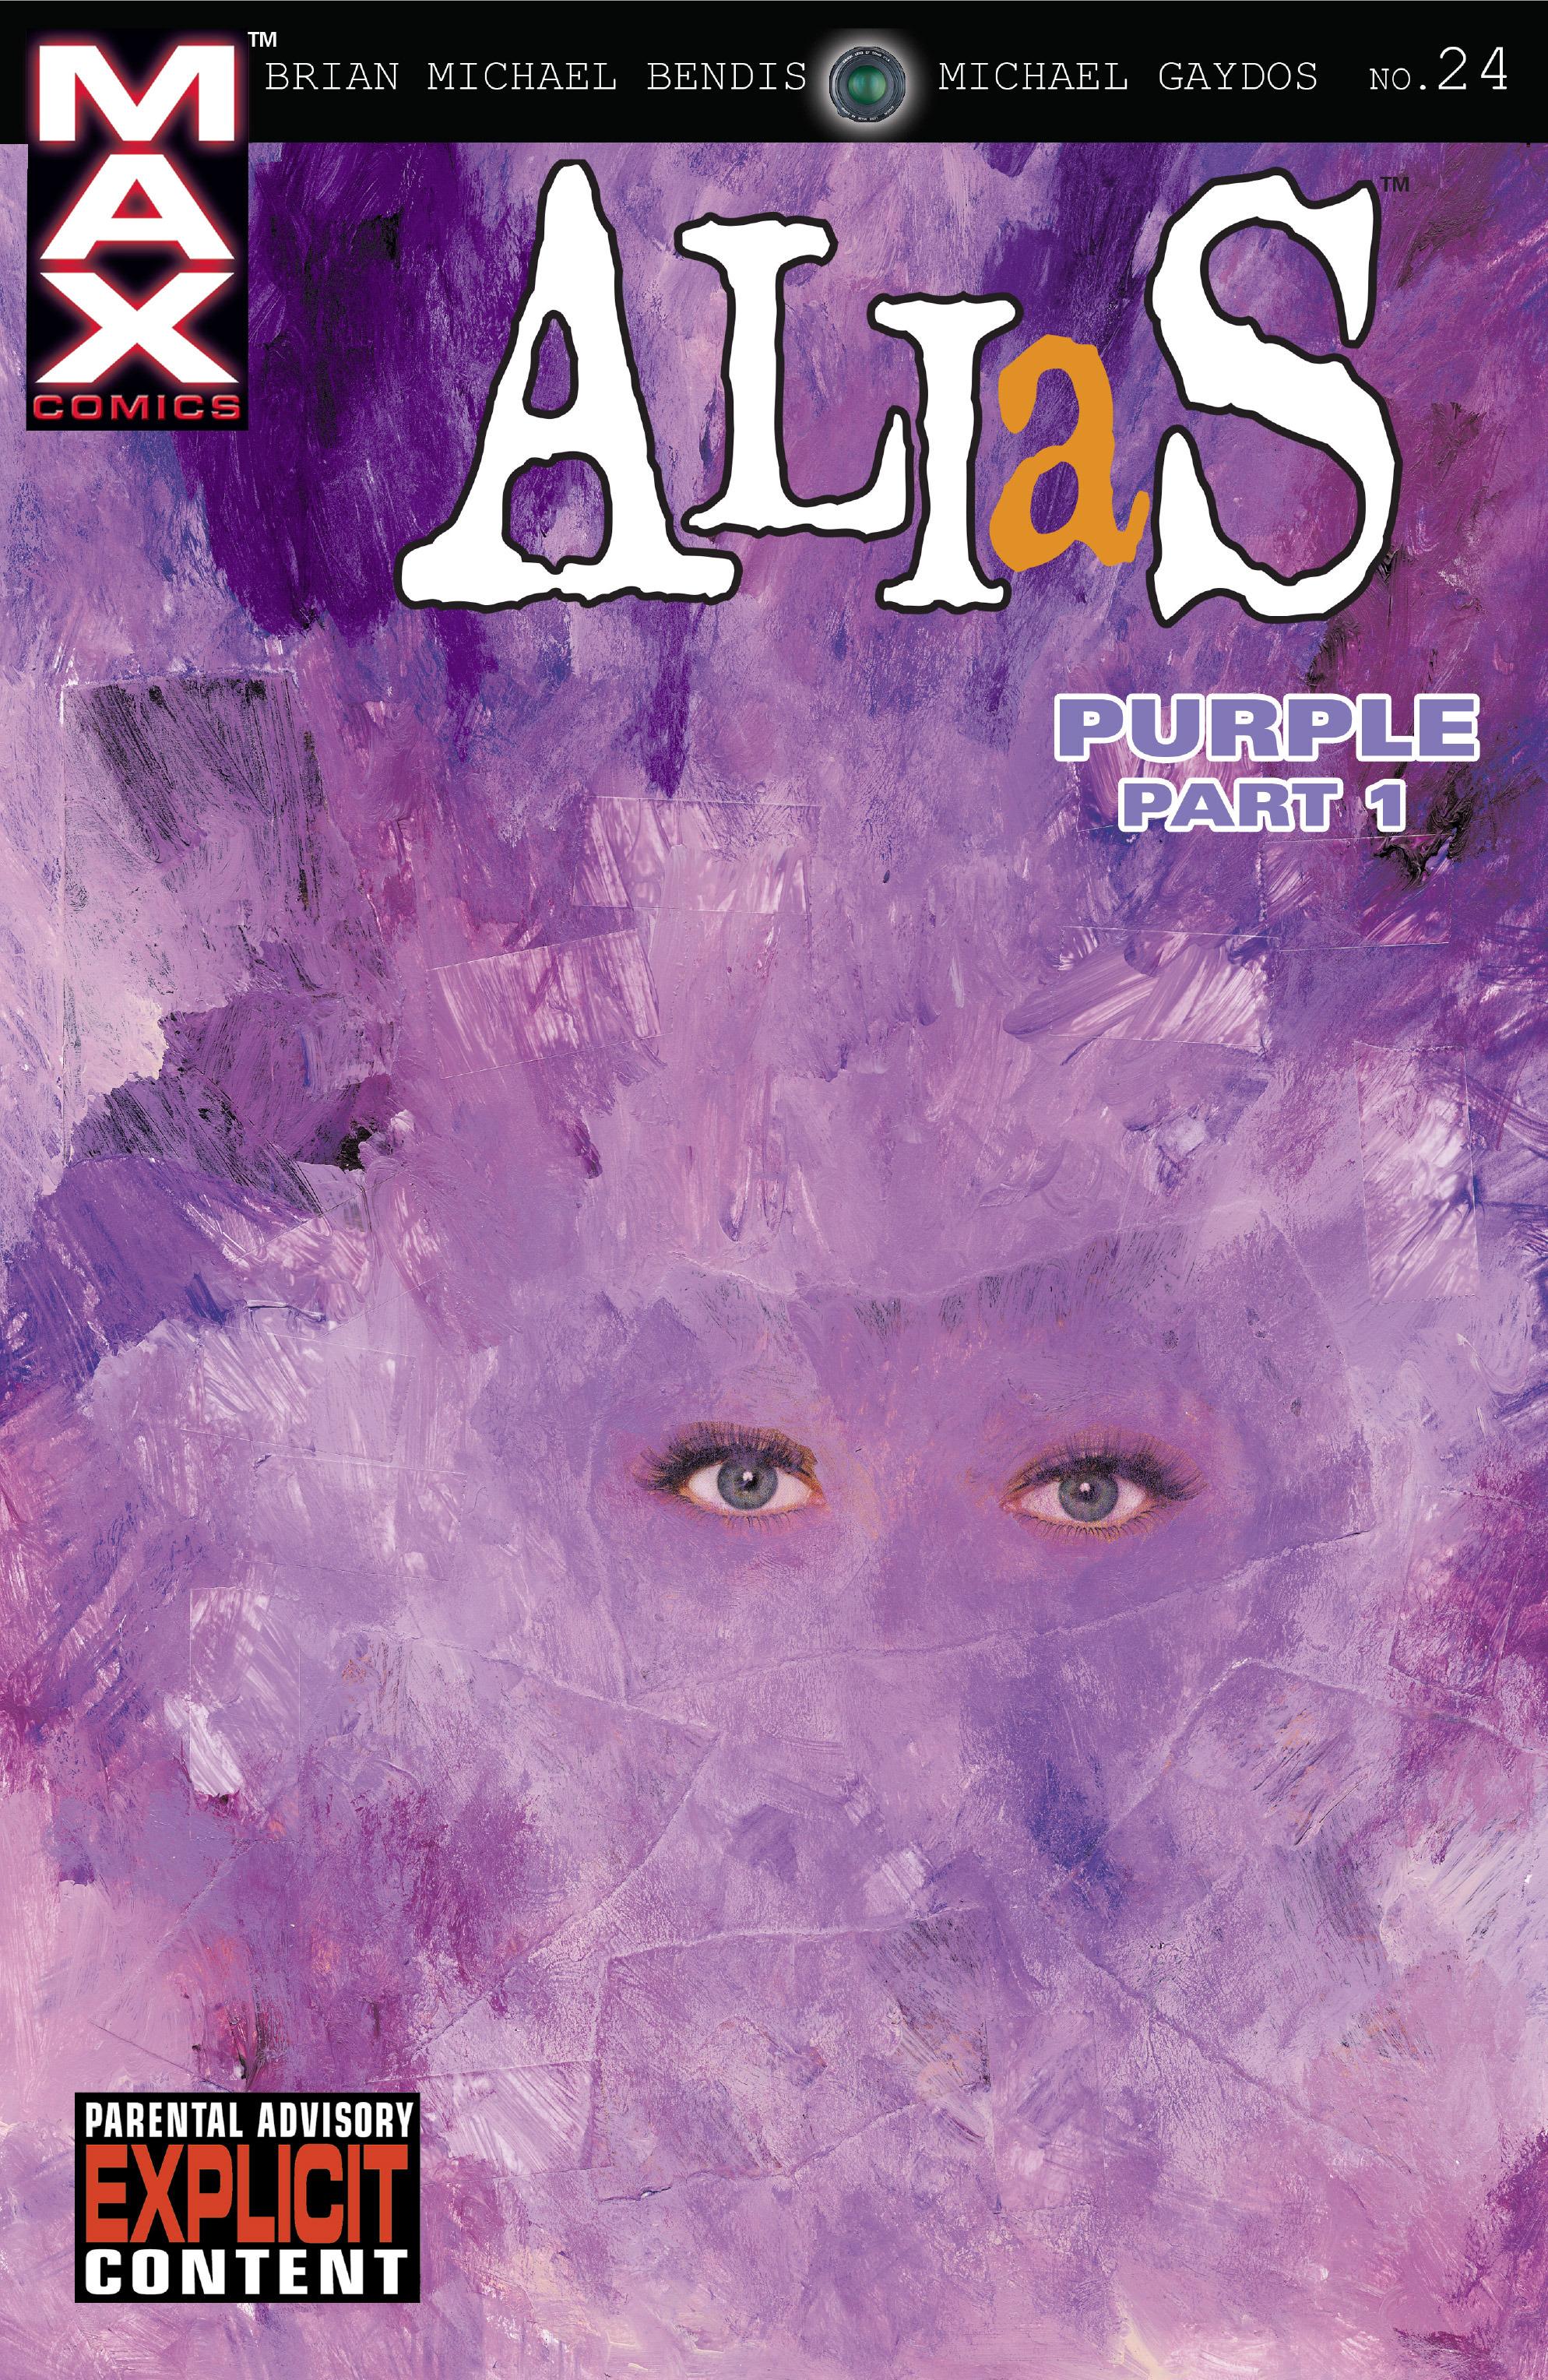 Read online Alias comic -  Issue #24 - 1